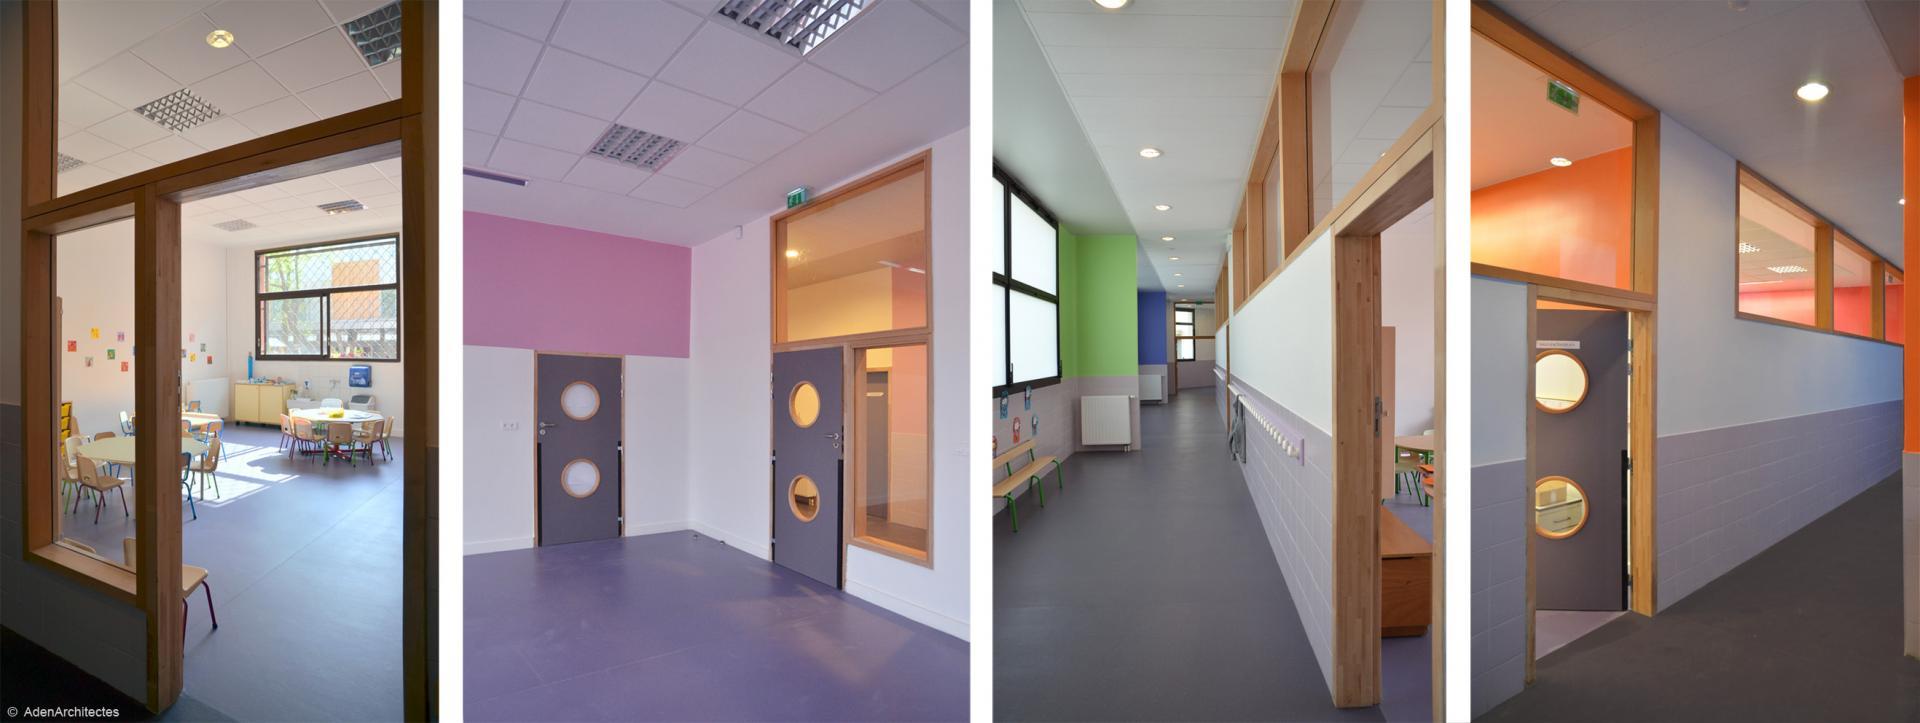 Классные комнаты в школе Ecole Sonia Delaunay